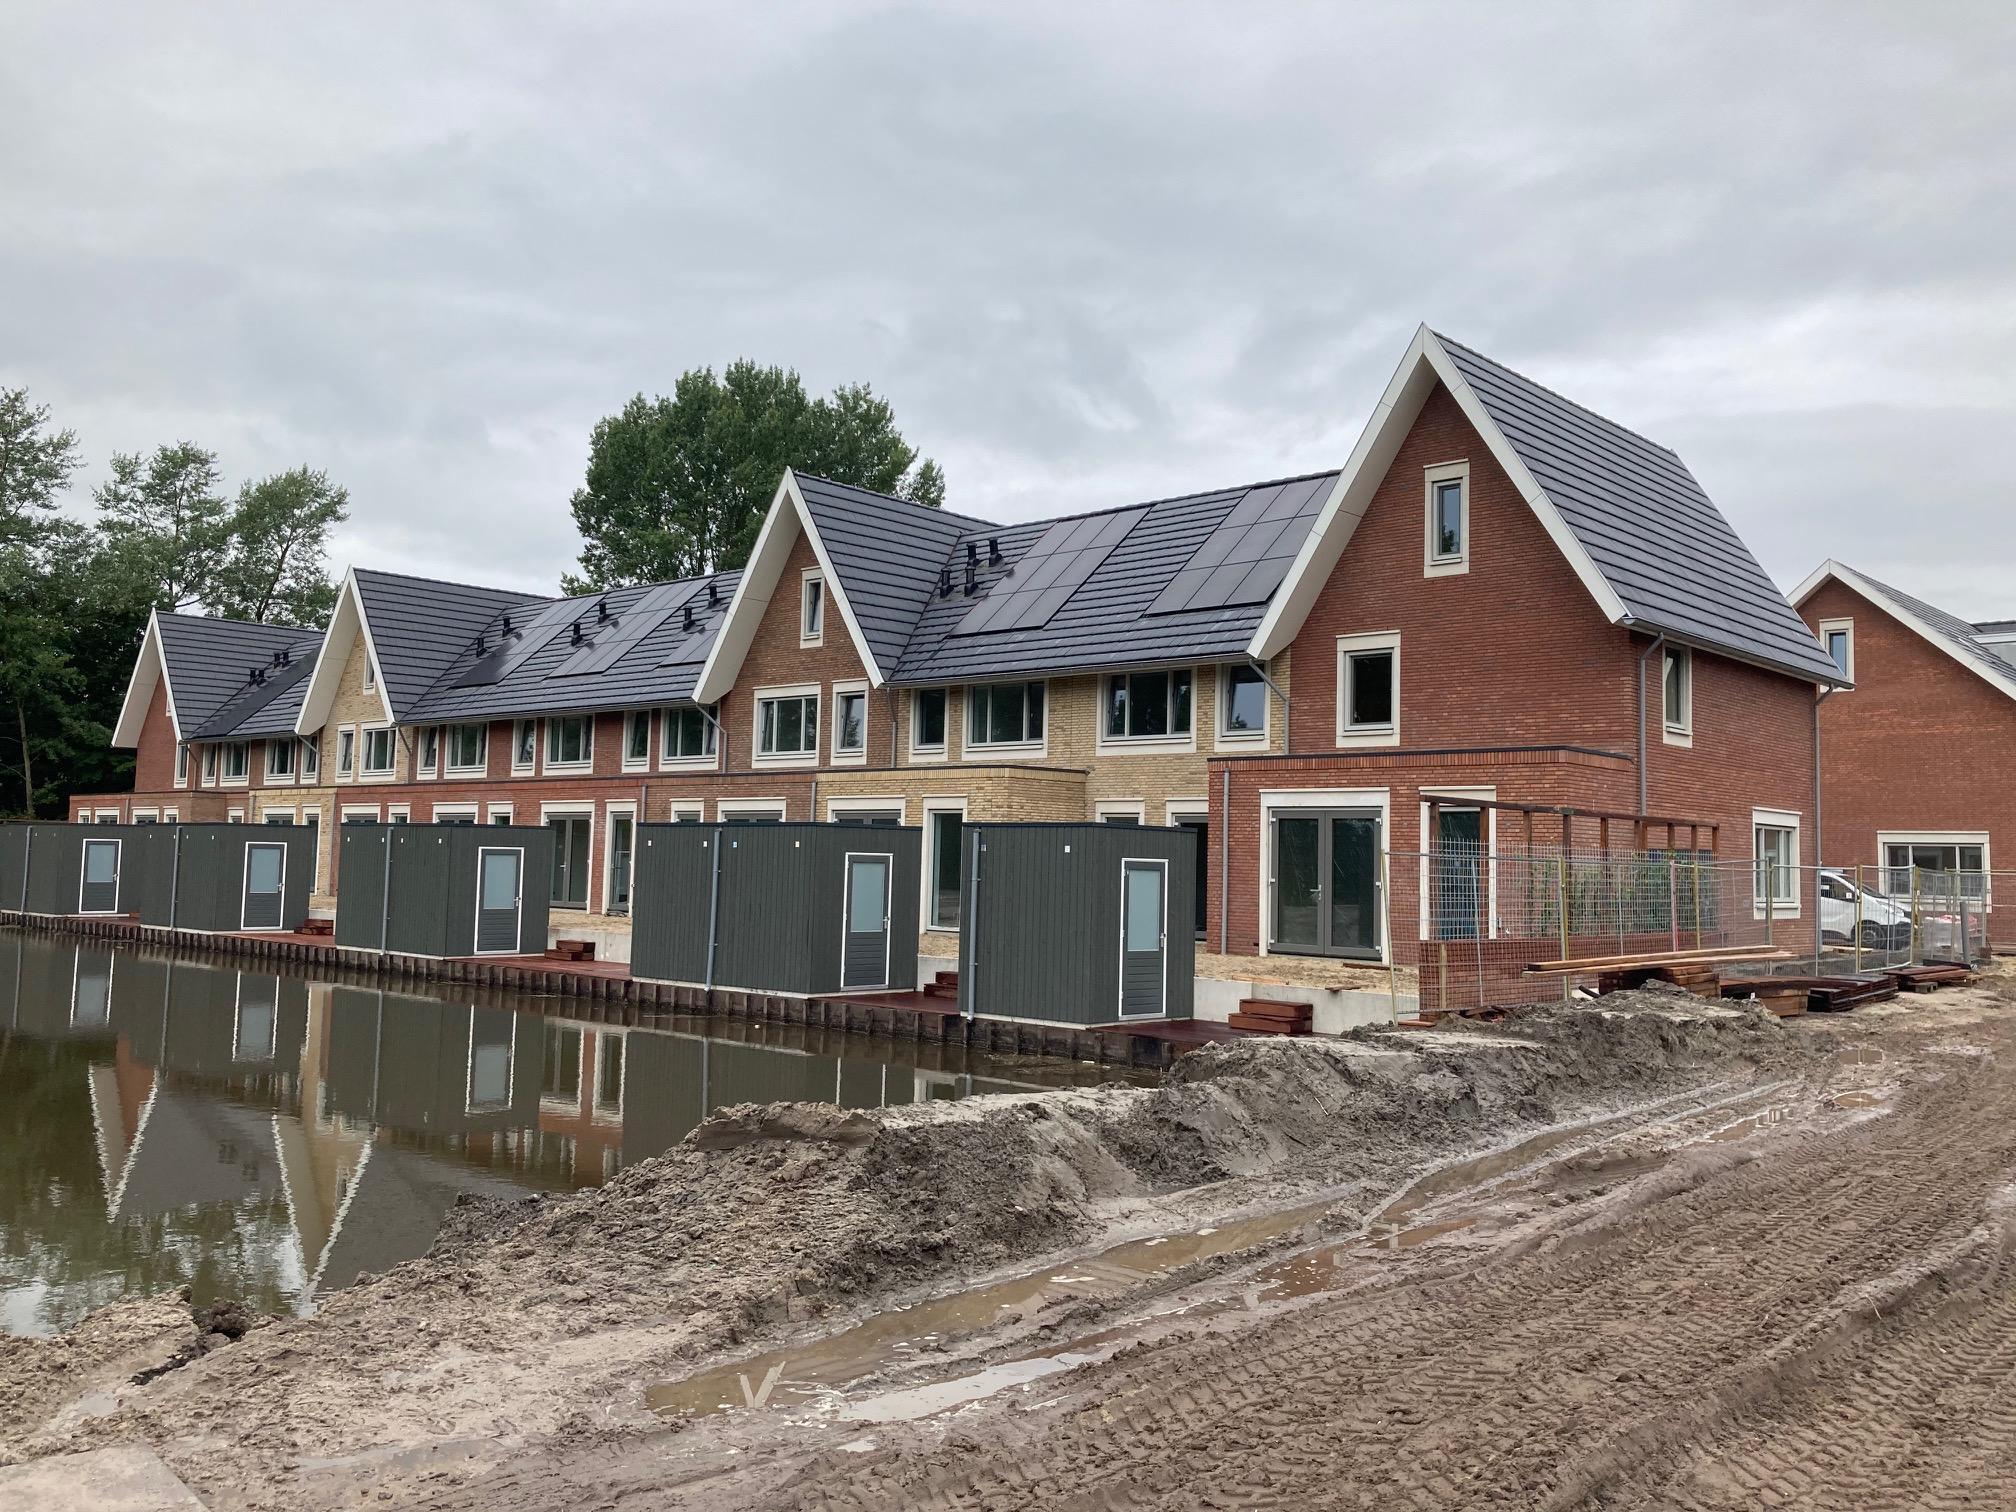 Laatste woningen nieuwbouwwijk Slottuin Heemstede voor de start van de bouwvak opgeleverd; ondanks corona toch doorgebouwd [video]